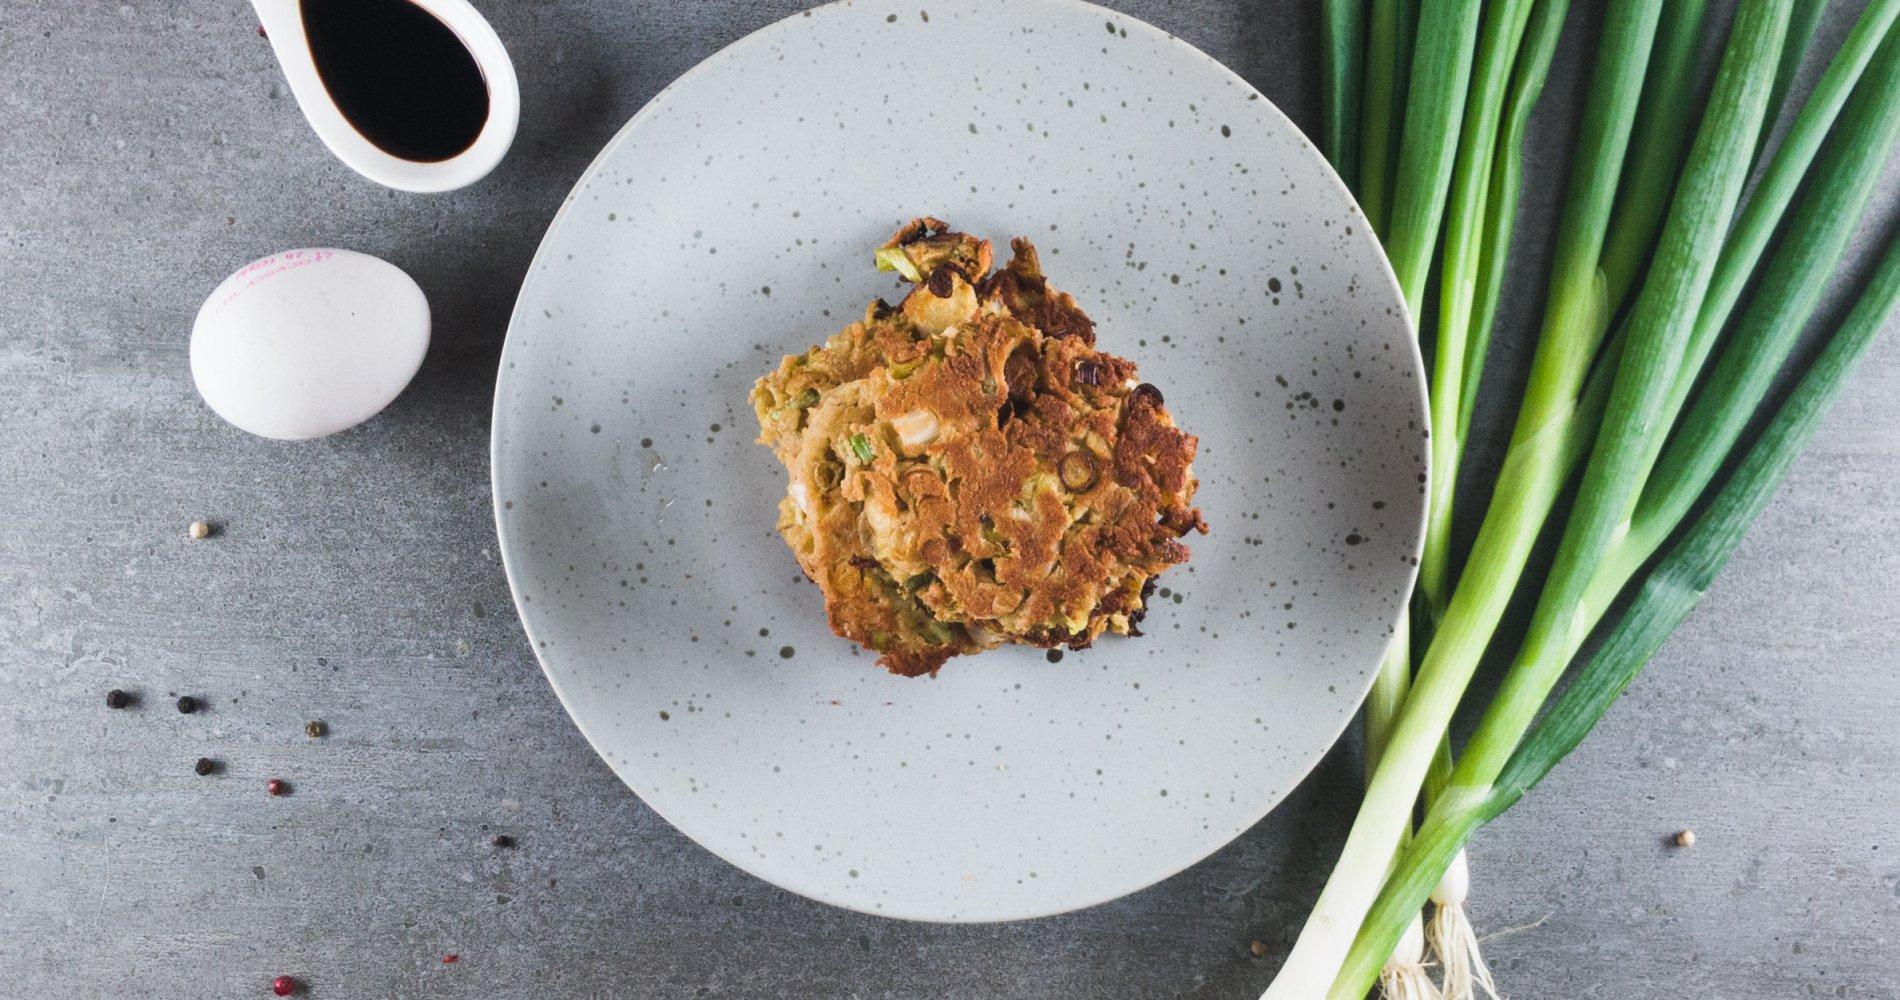 Rezept Low Carb: Lauch-Eierpfannkuchen - LCHF-gesund.de